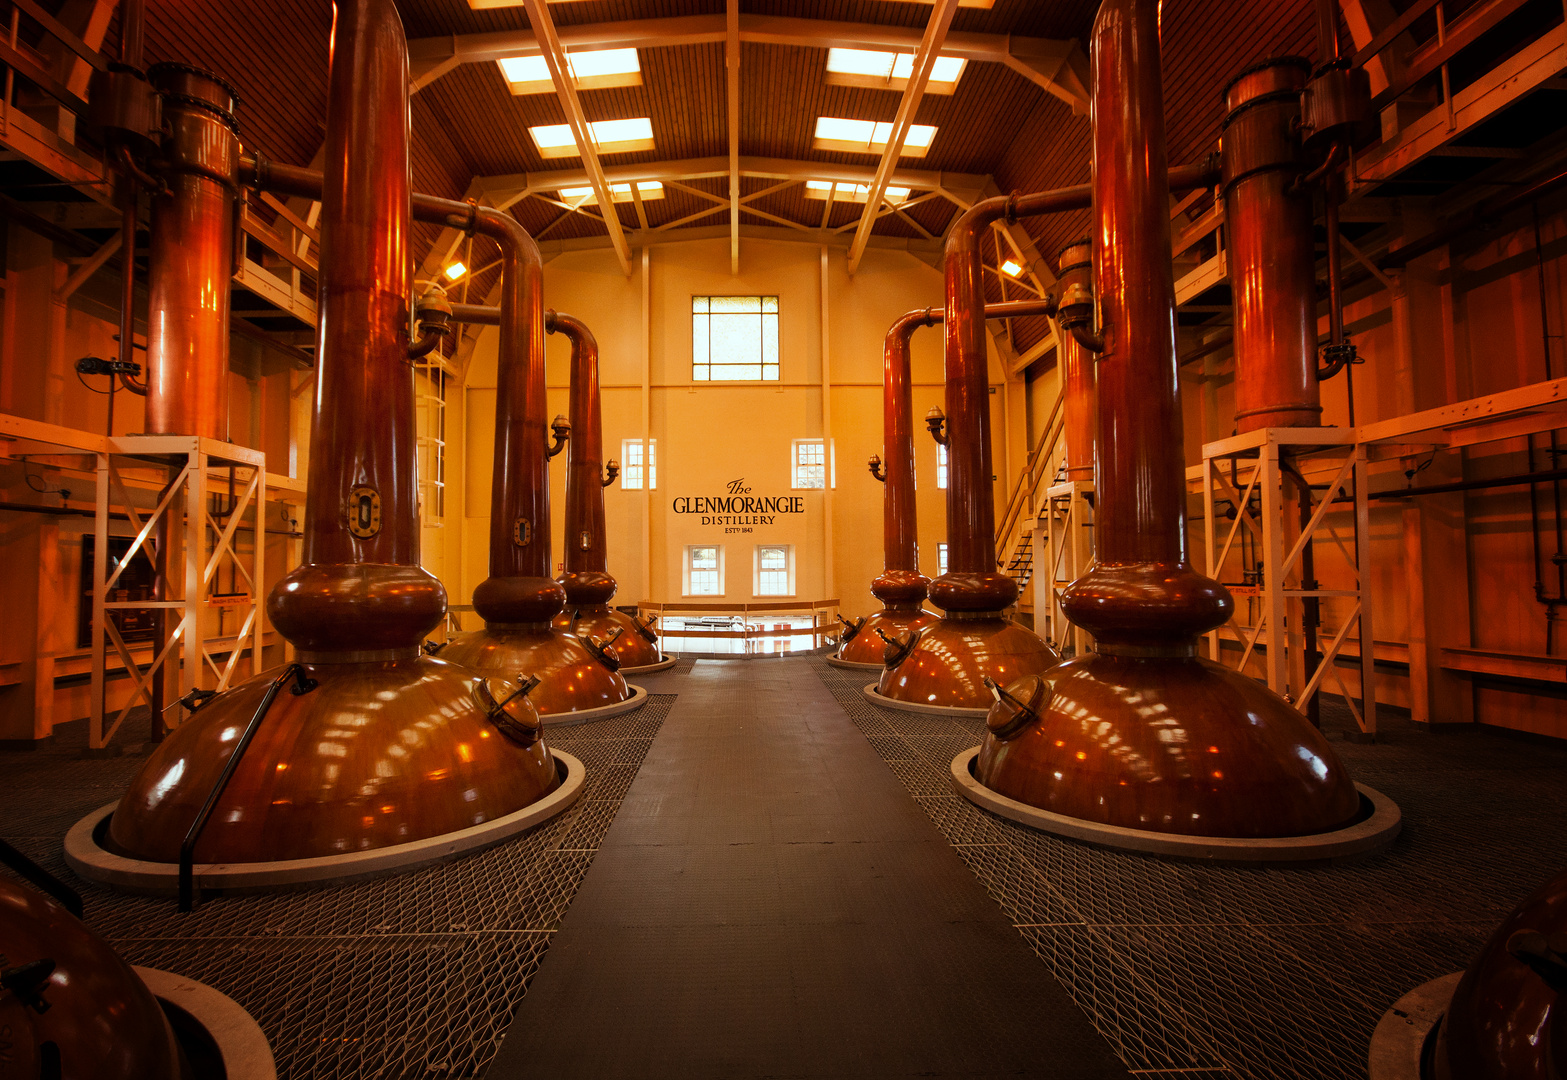 Glenmoangie Distillery II